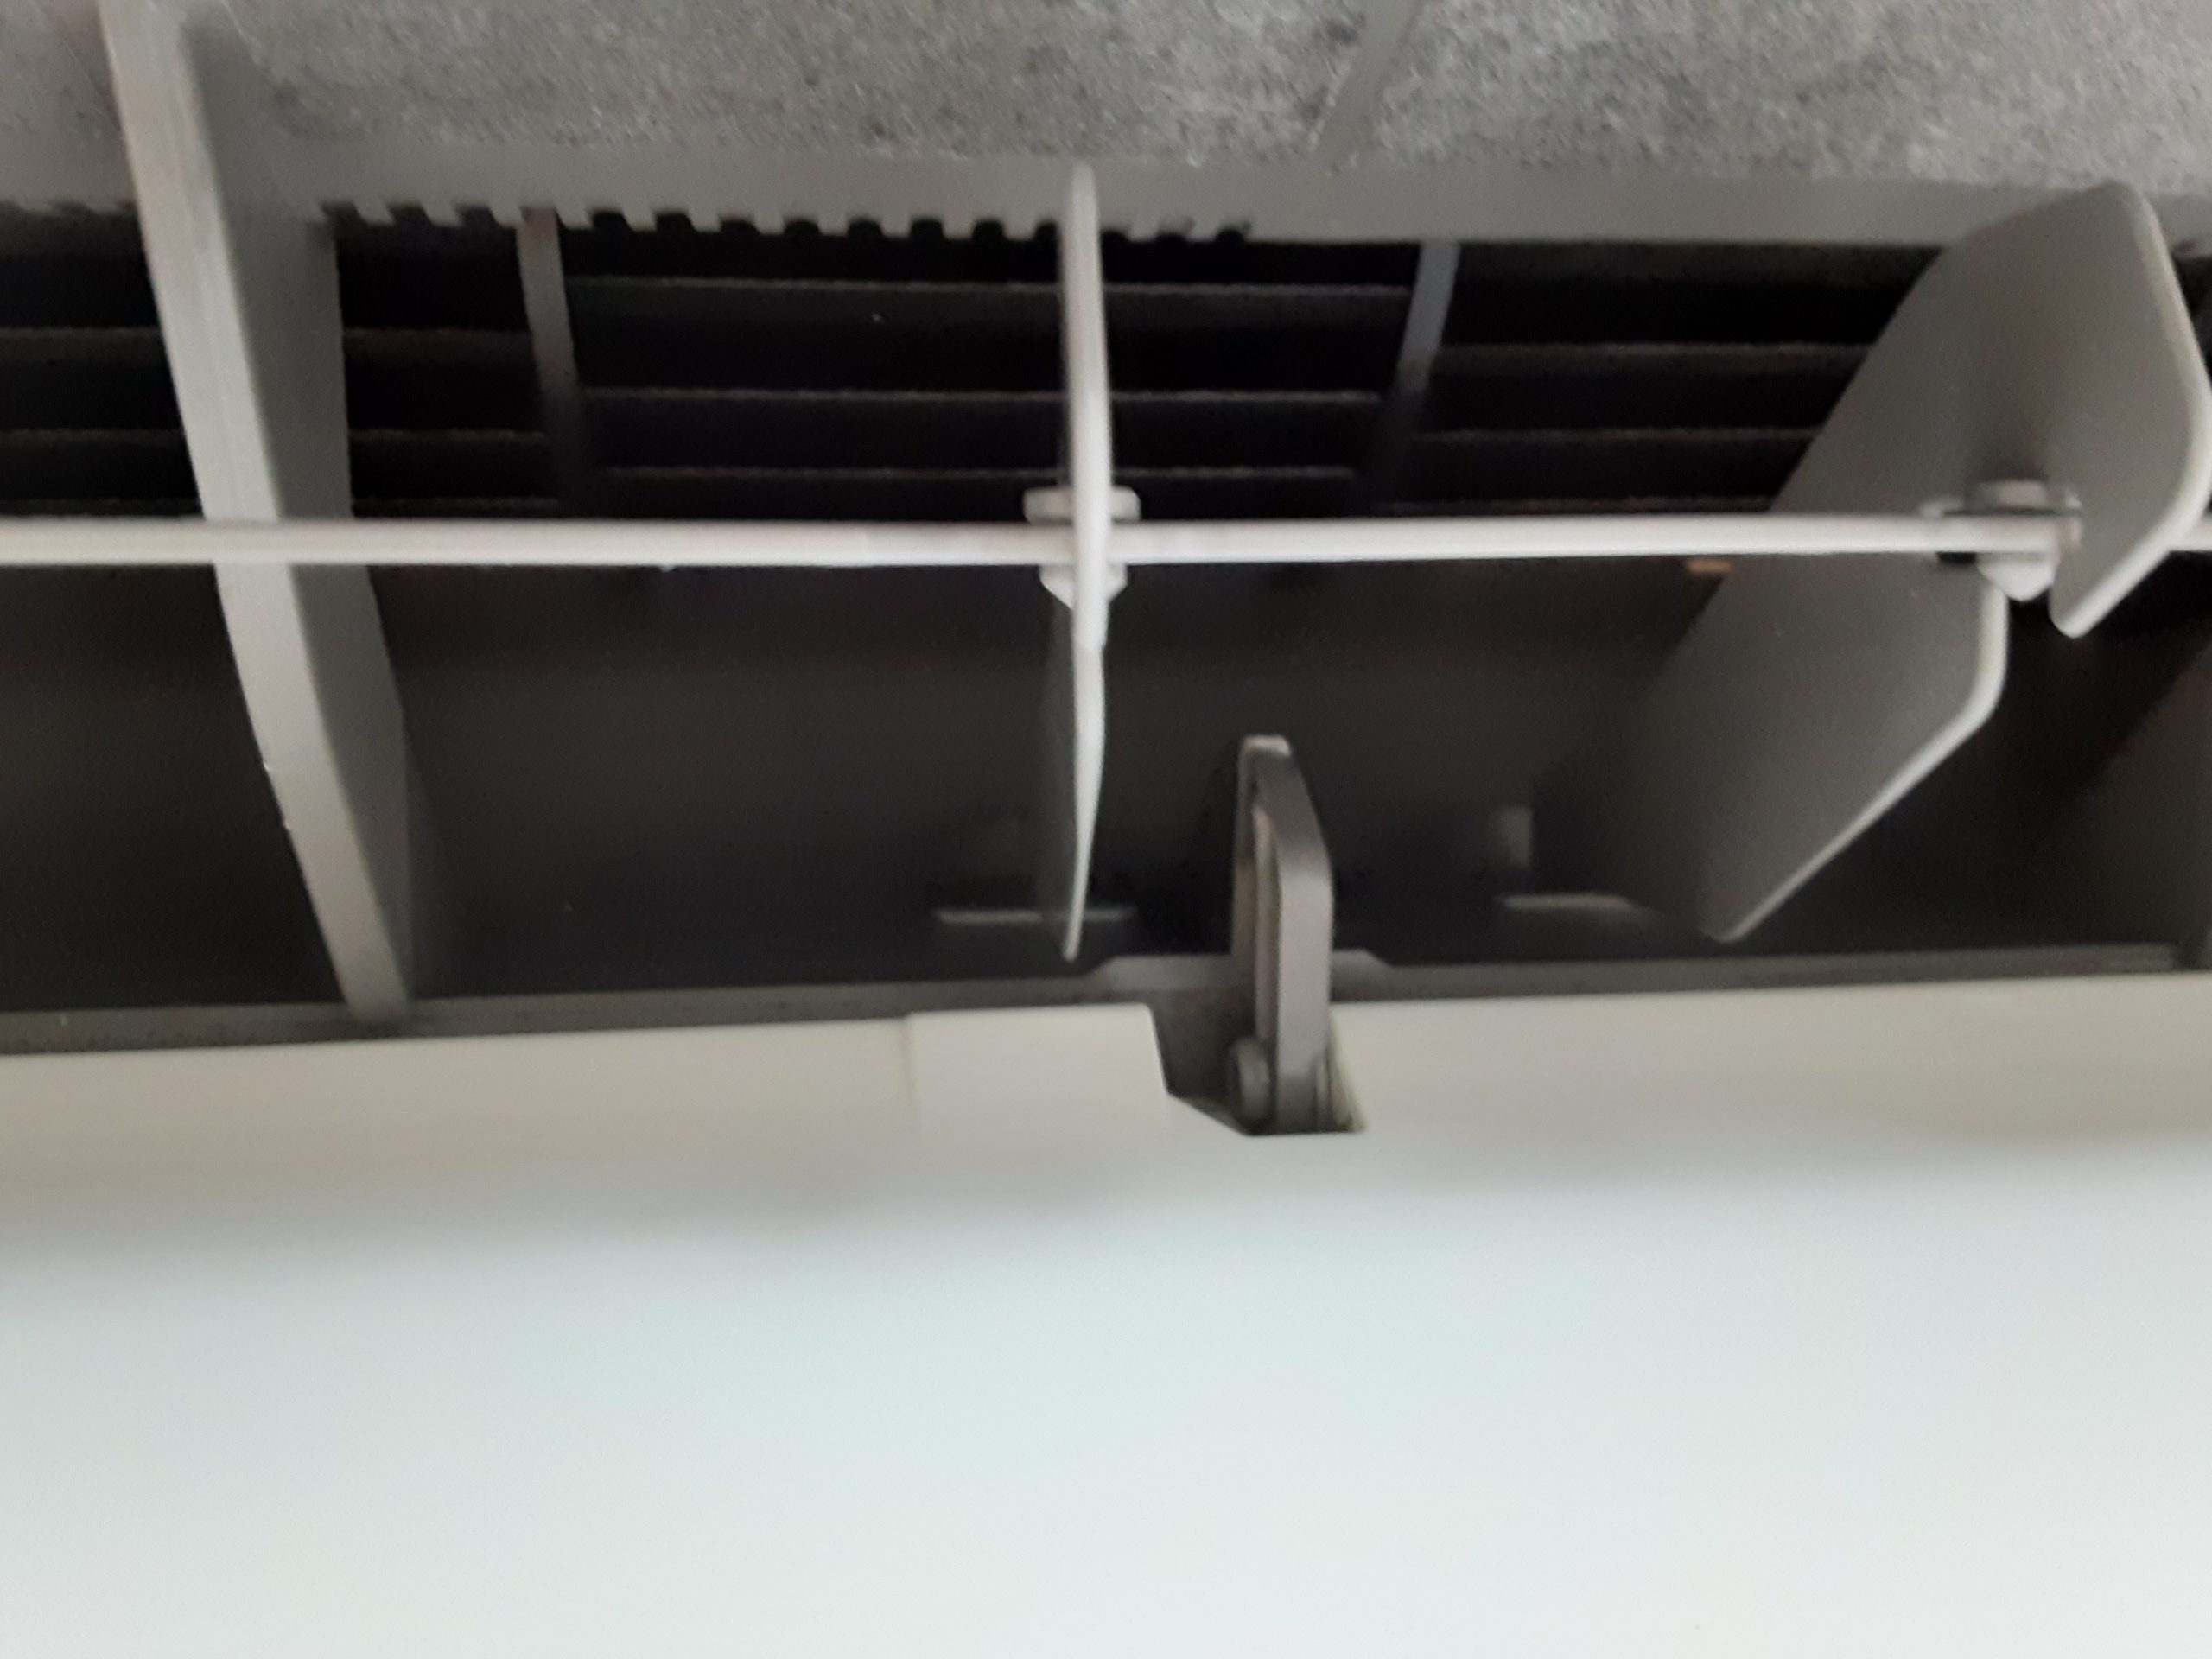 お掃除機能付きのエアコンダブル洗浄クリーニング